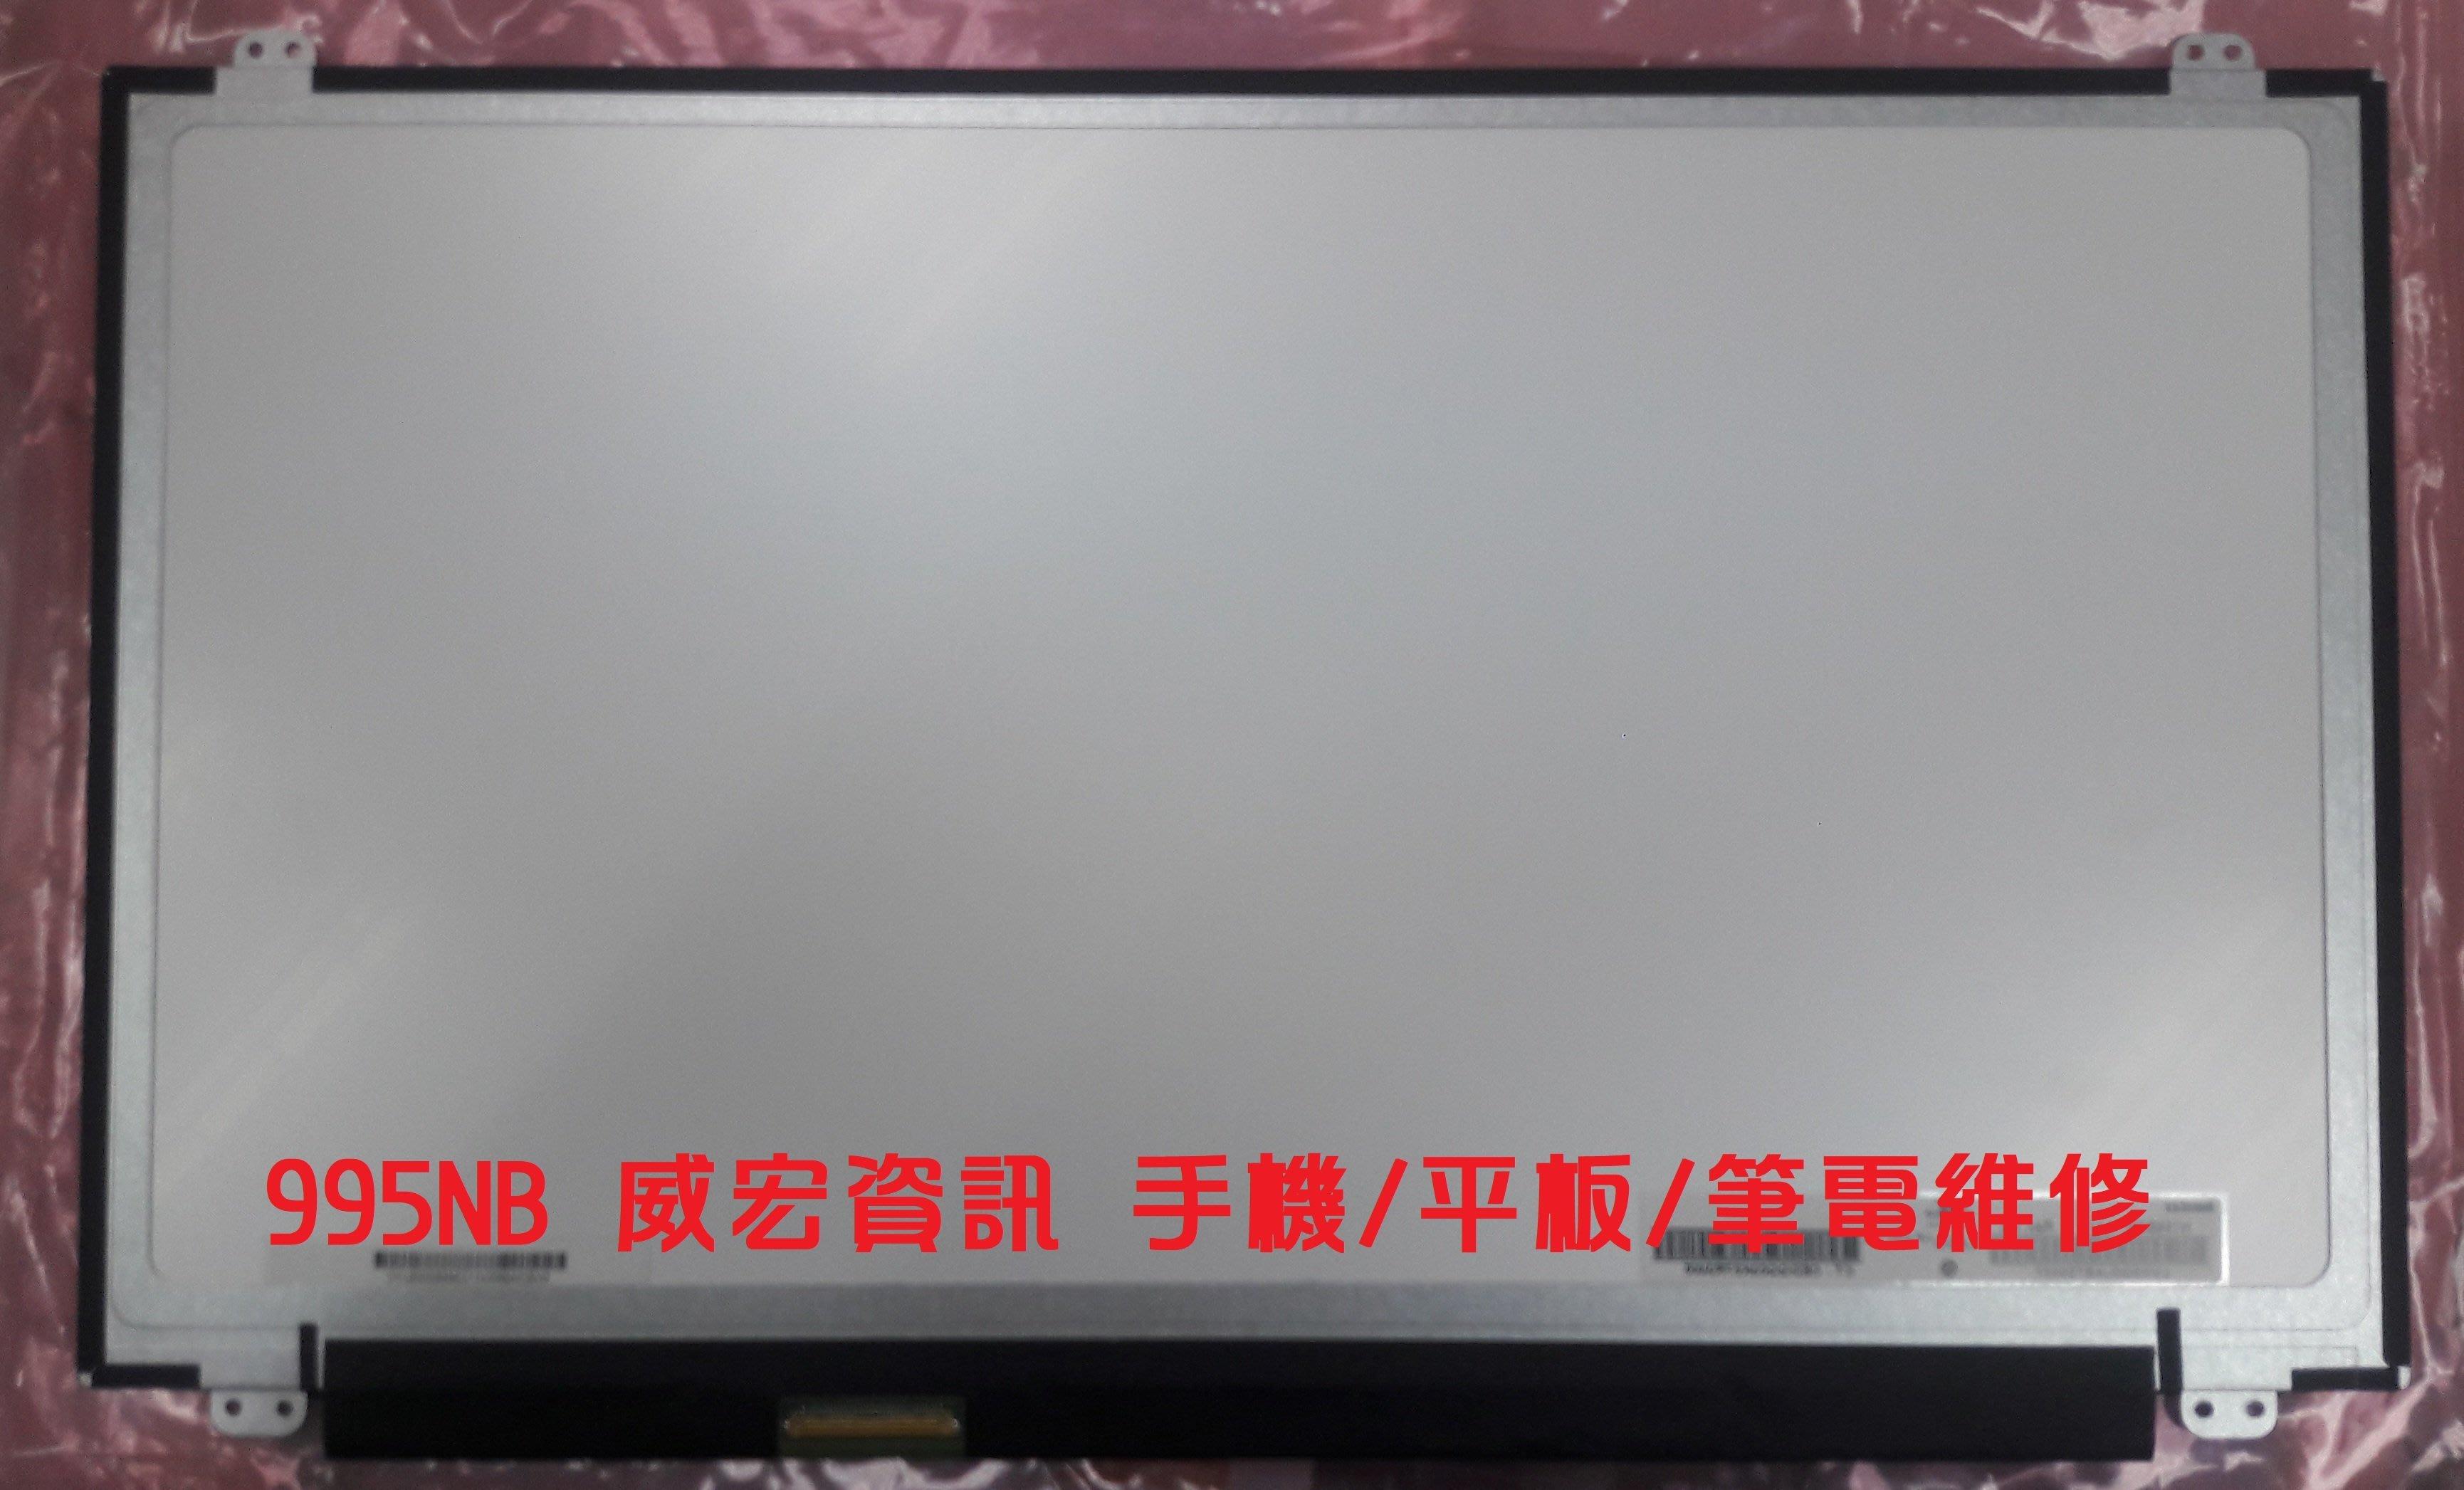 威宏資訊 微星 MSI WT WS 筆電維修 15.6吋 1920X1080 FHD 換面板 修螢幕 換液晶 螢幕破裂